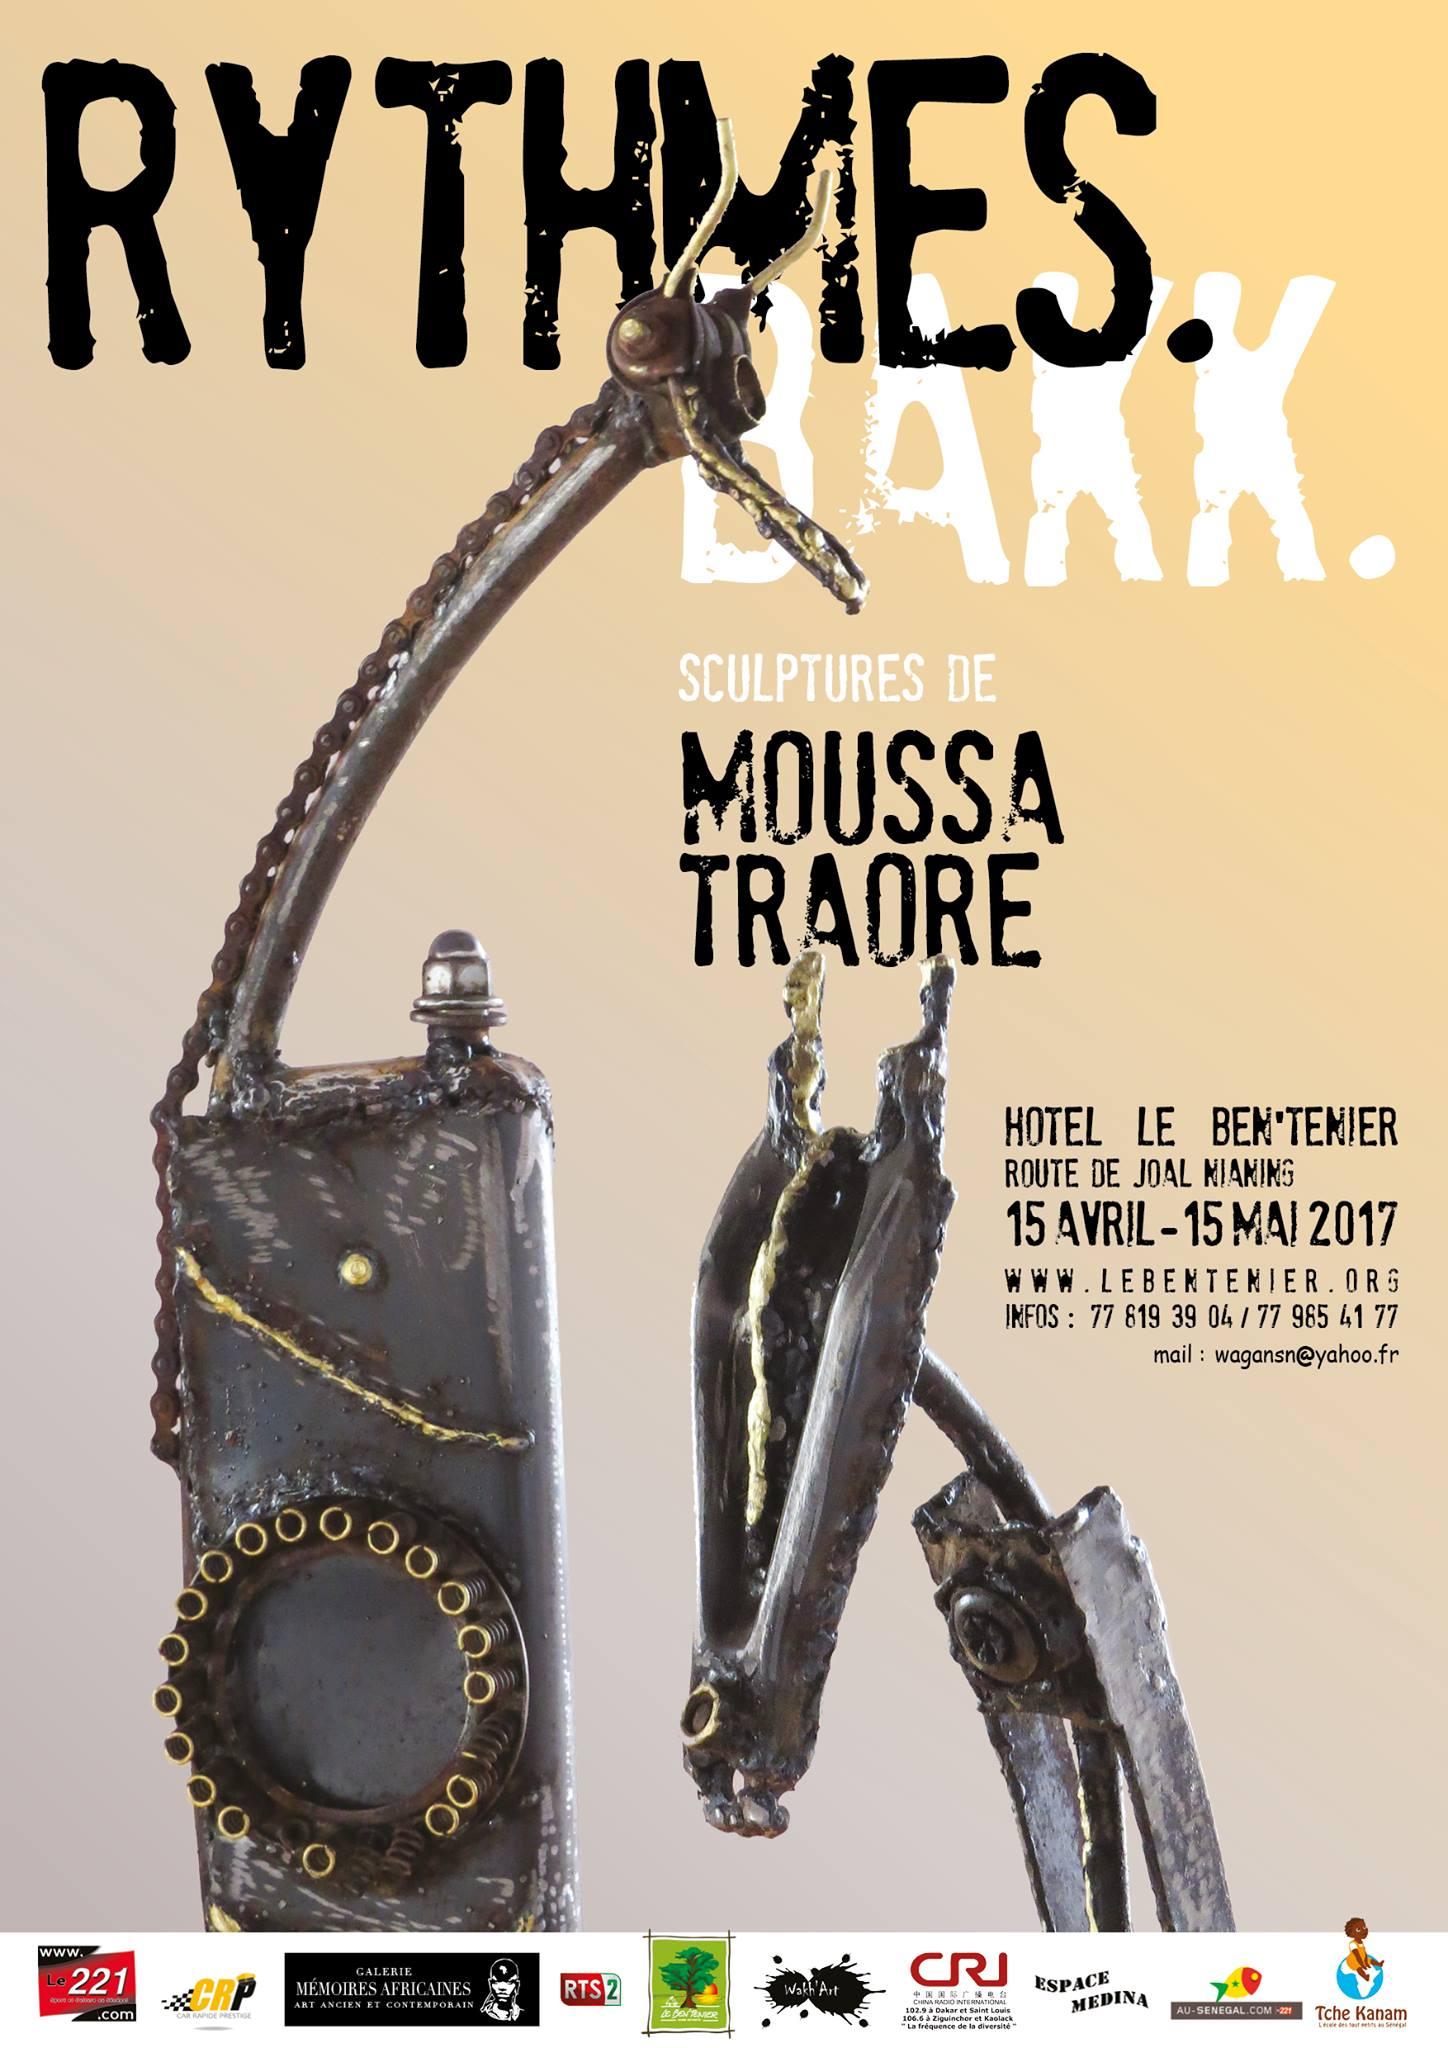 Rythmes Bakk- Sculptures de Moussa Traoré